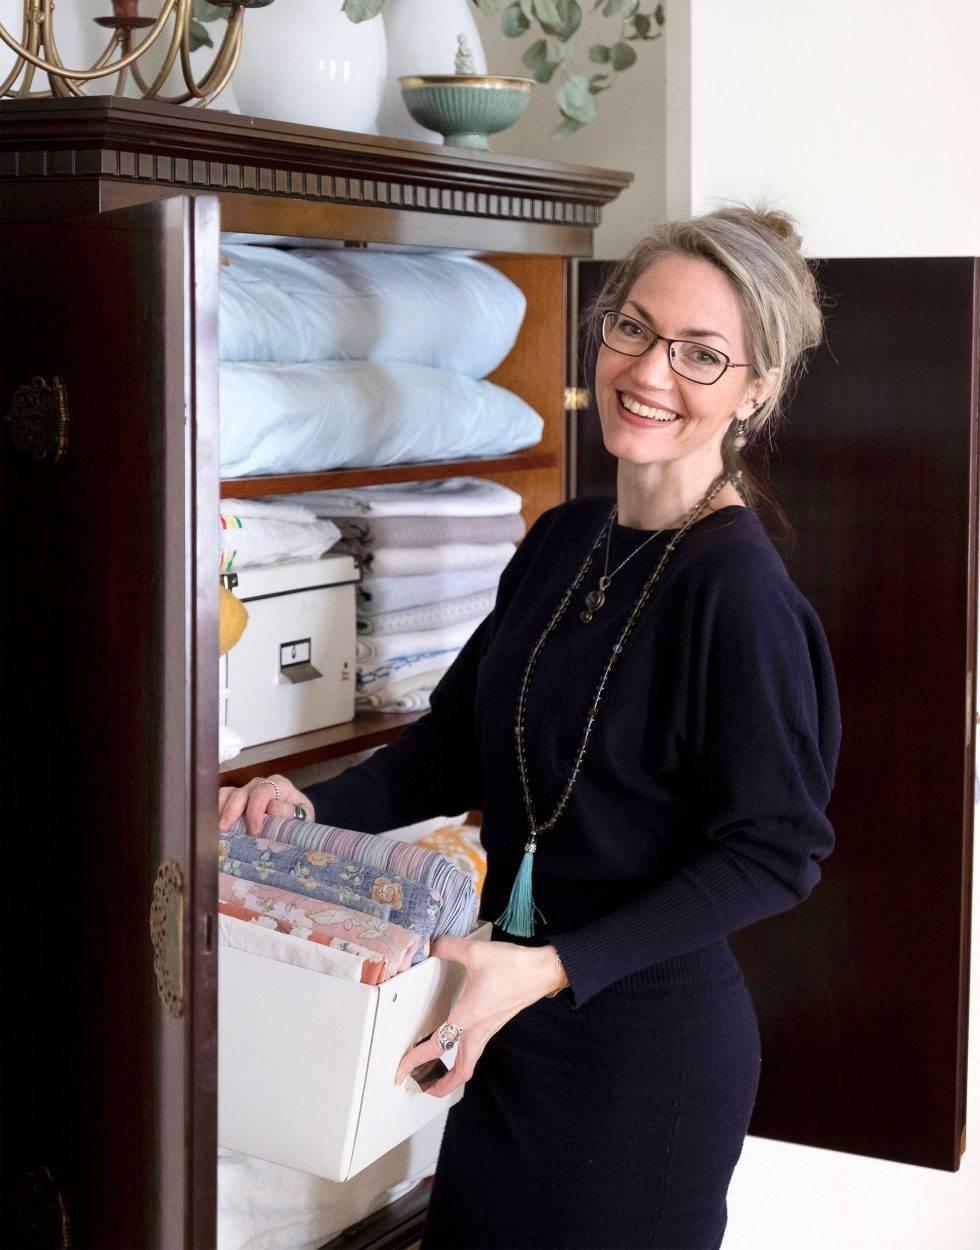 En kvinna i medelåldern bär ut saker ur ett linneskåp.